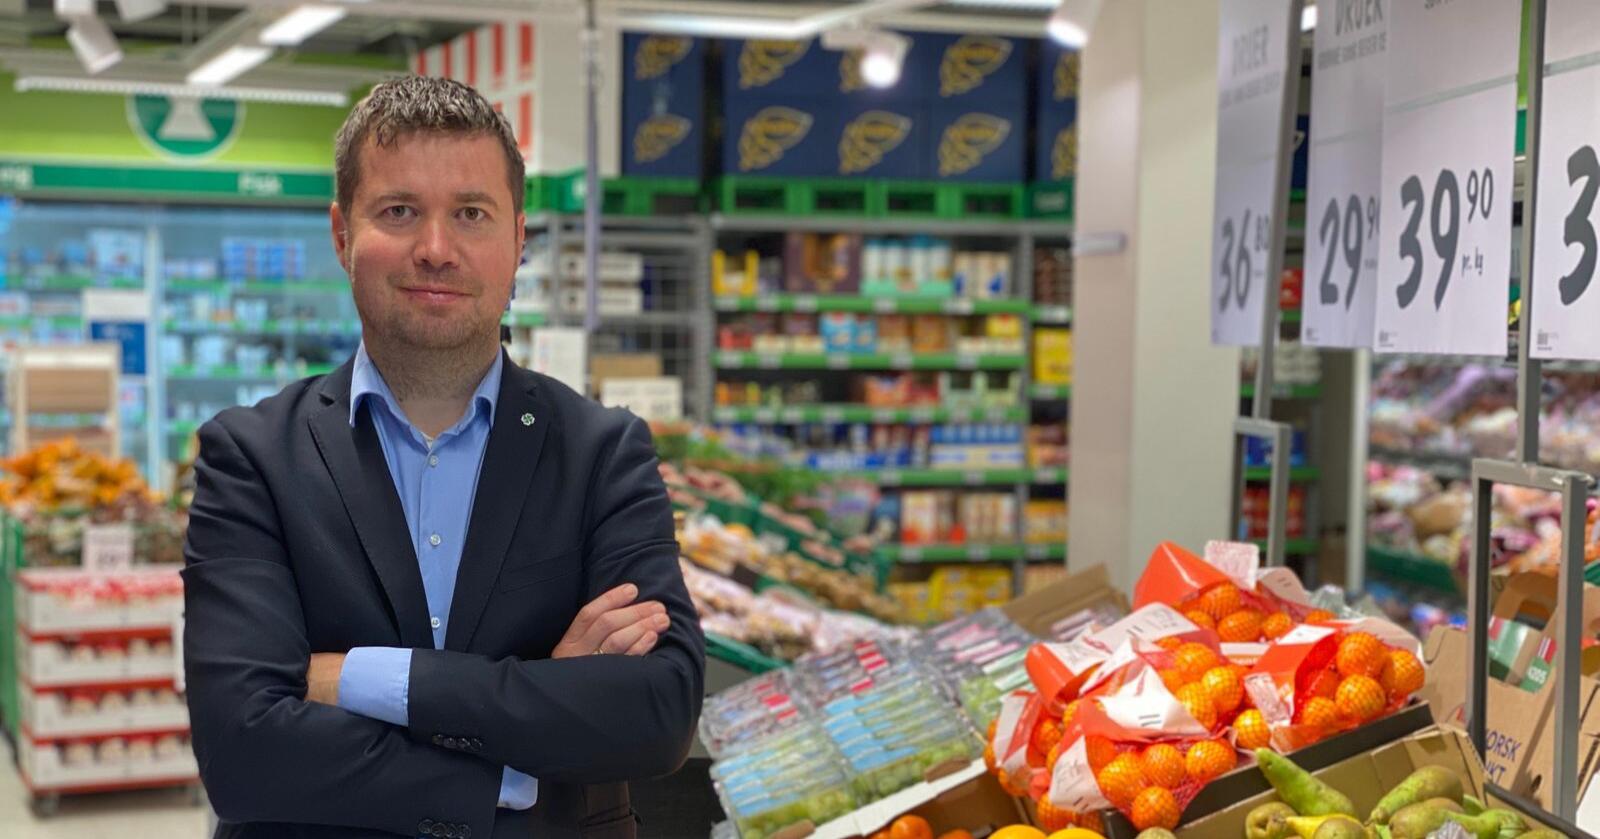 Geir Pollestad (Sp) varsler inngripende tiltak i dagligvarebransjen, og vil vurdere å bryte opp en av kjedene. Foto: Morten Helliesen